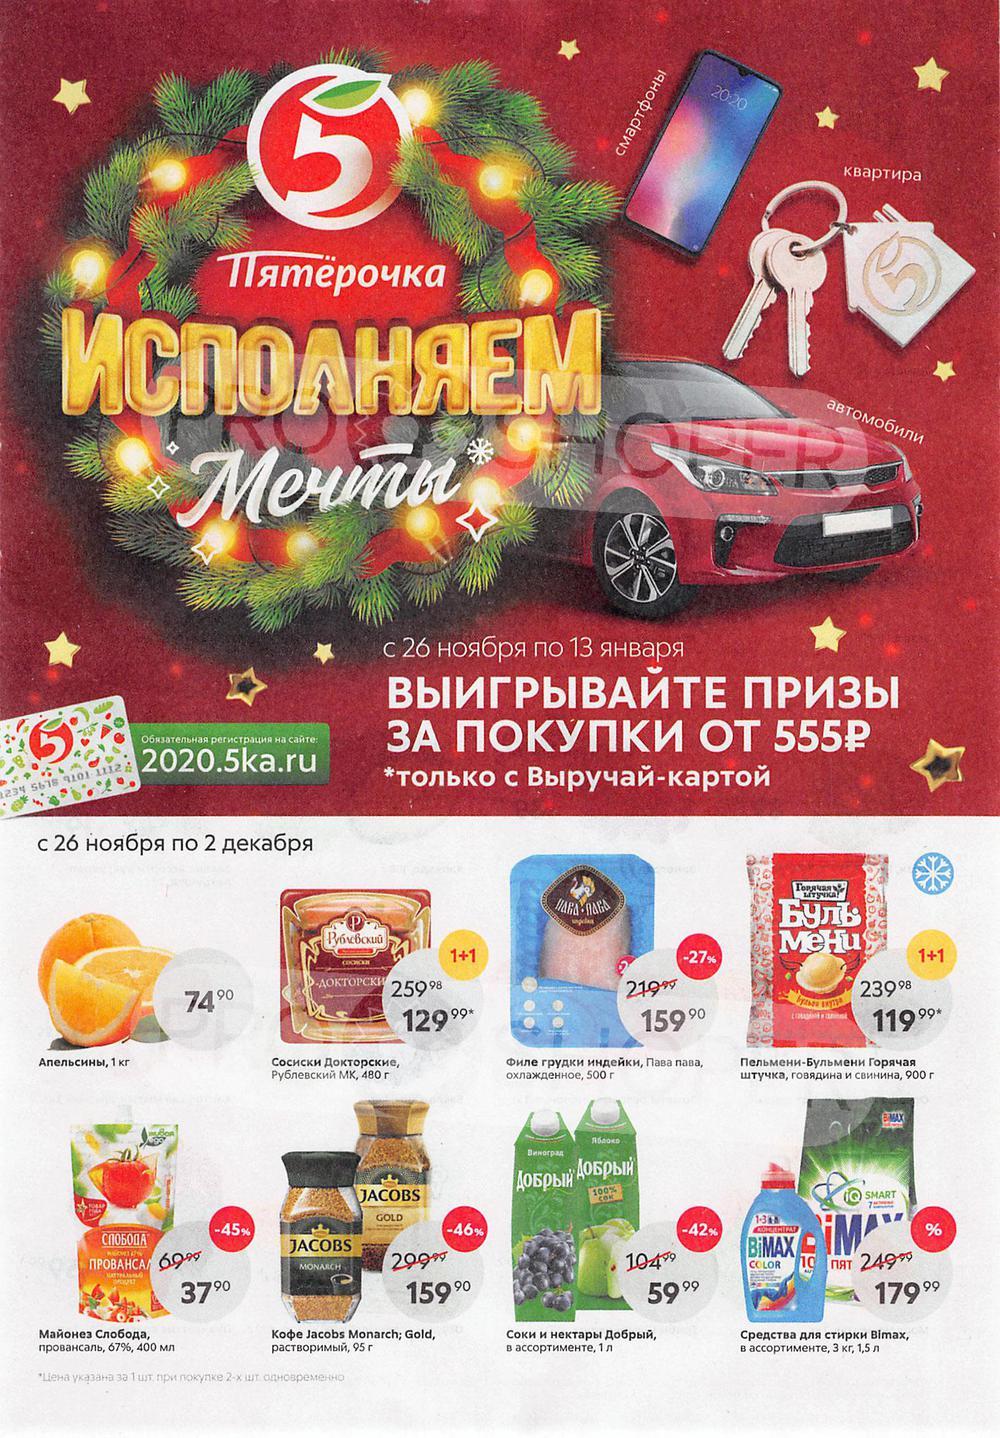 Акции в Пятёрочке с 26 ноября по 2 декабря 2019 года